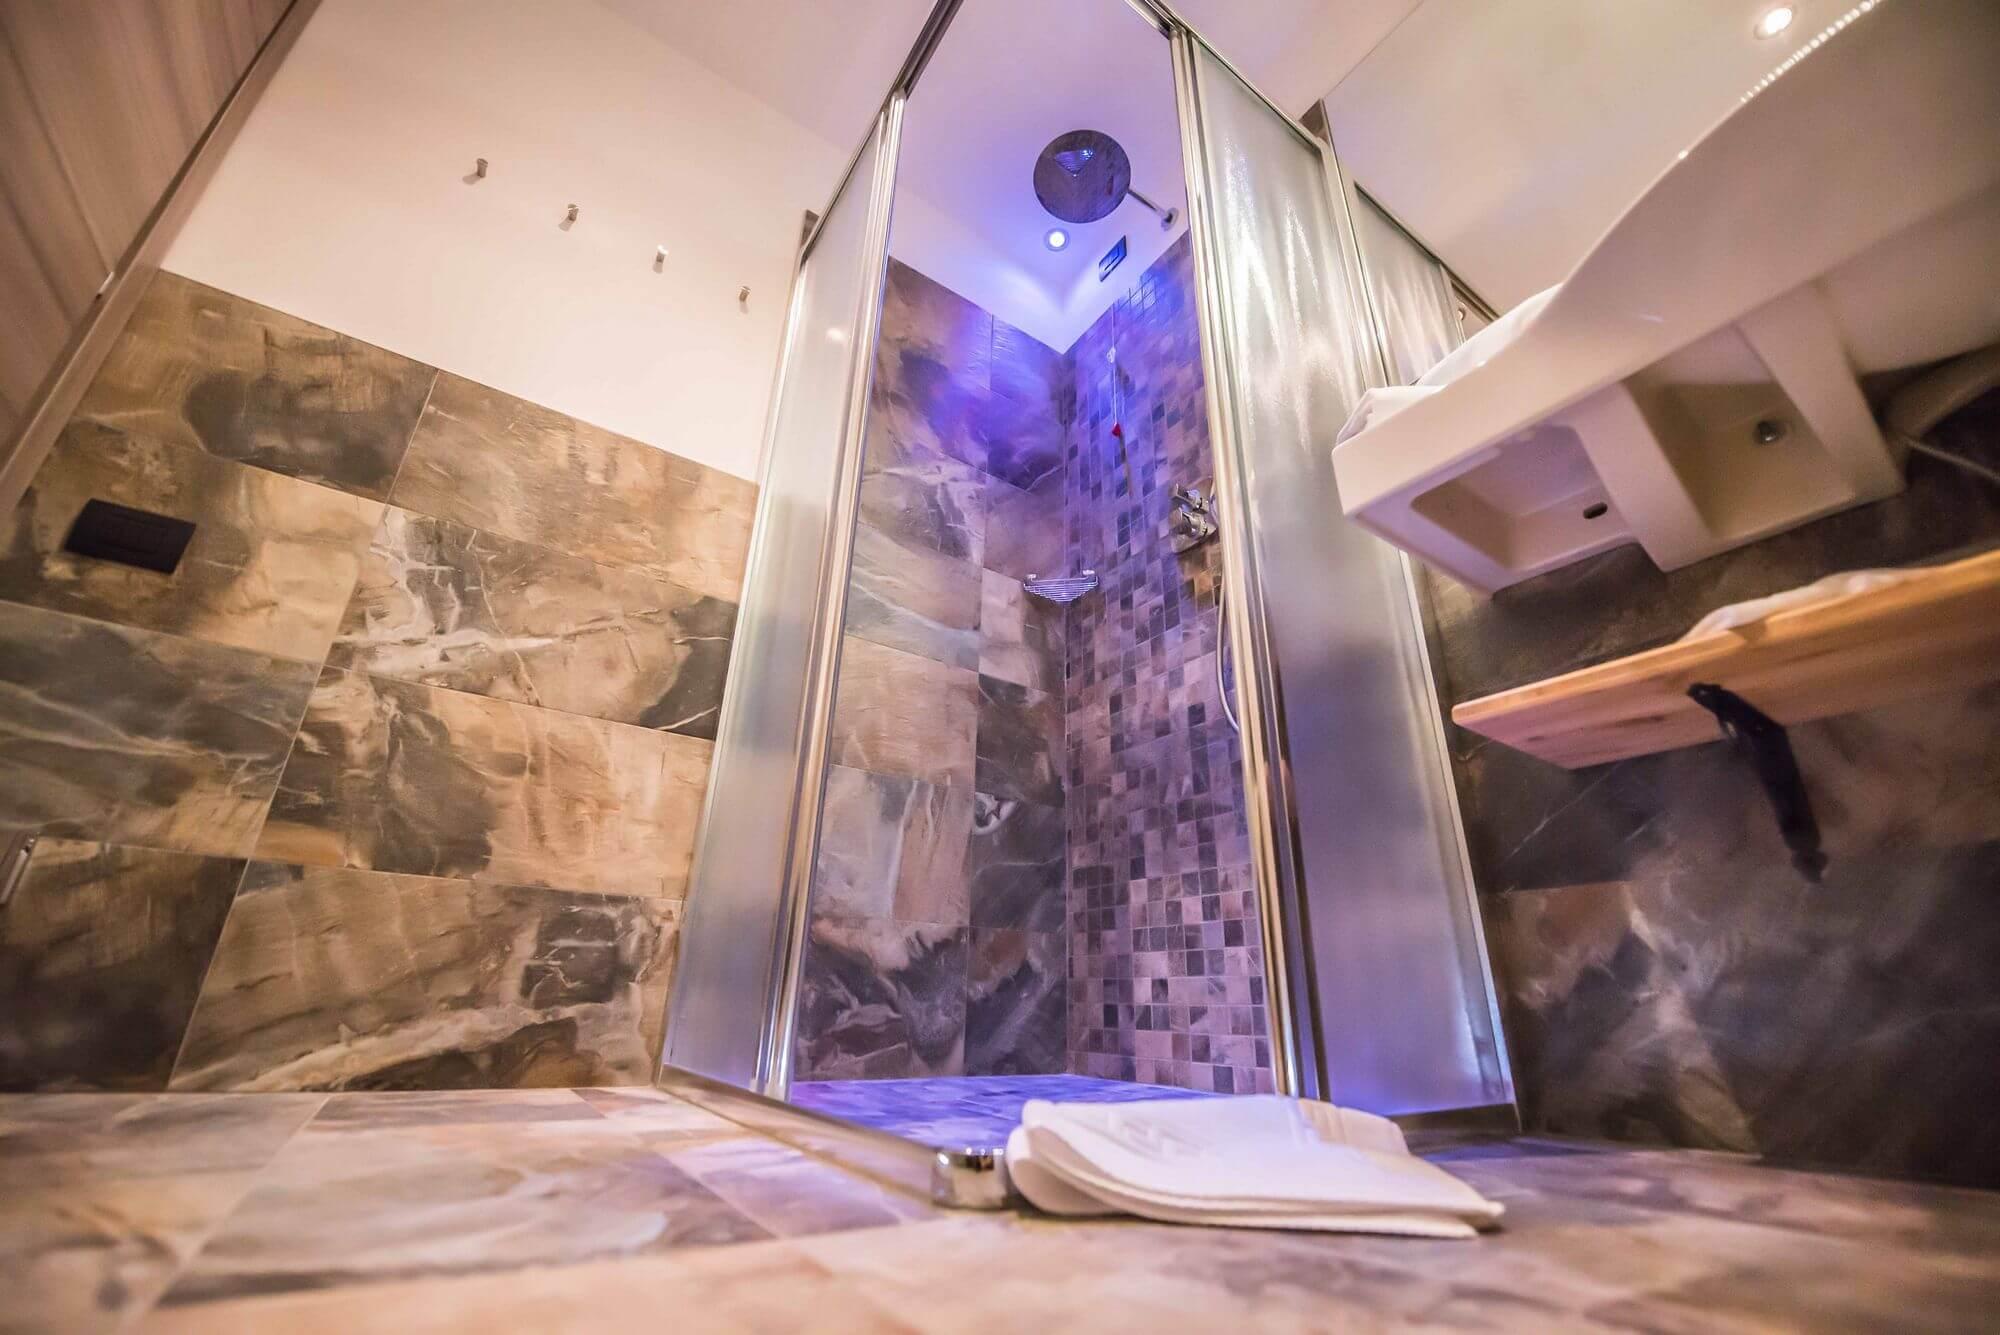 Dettaglio dell'angolo doccia: Hotel Le Alpi a Livigno